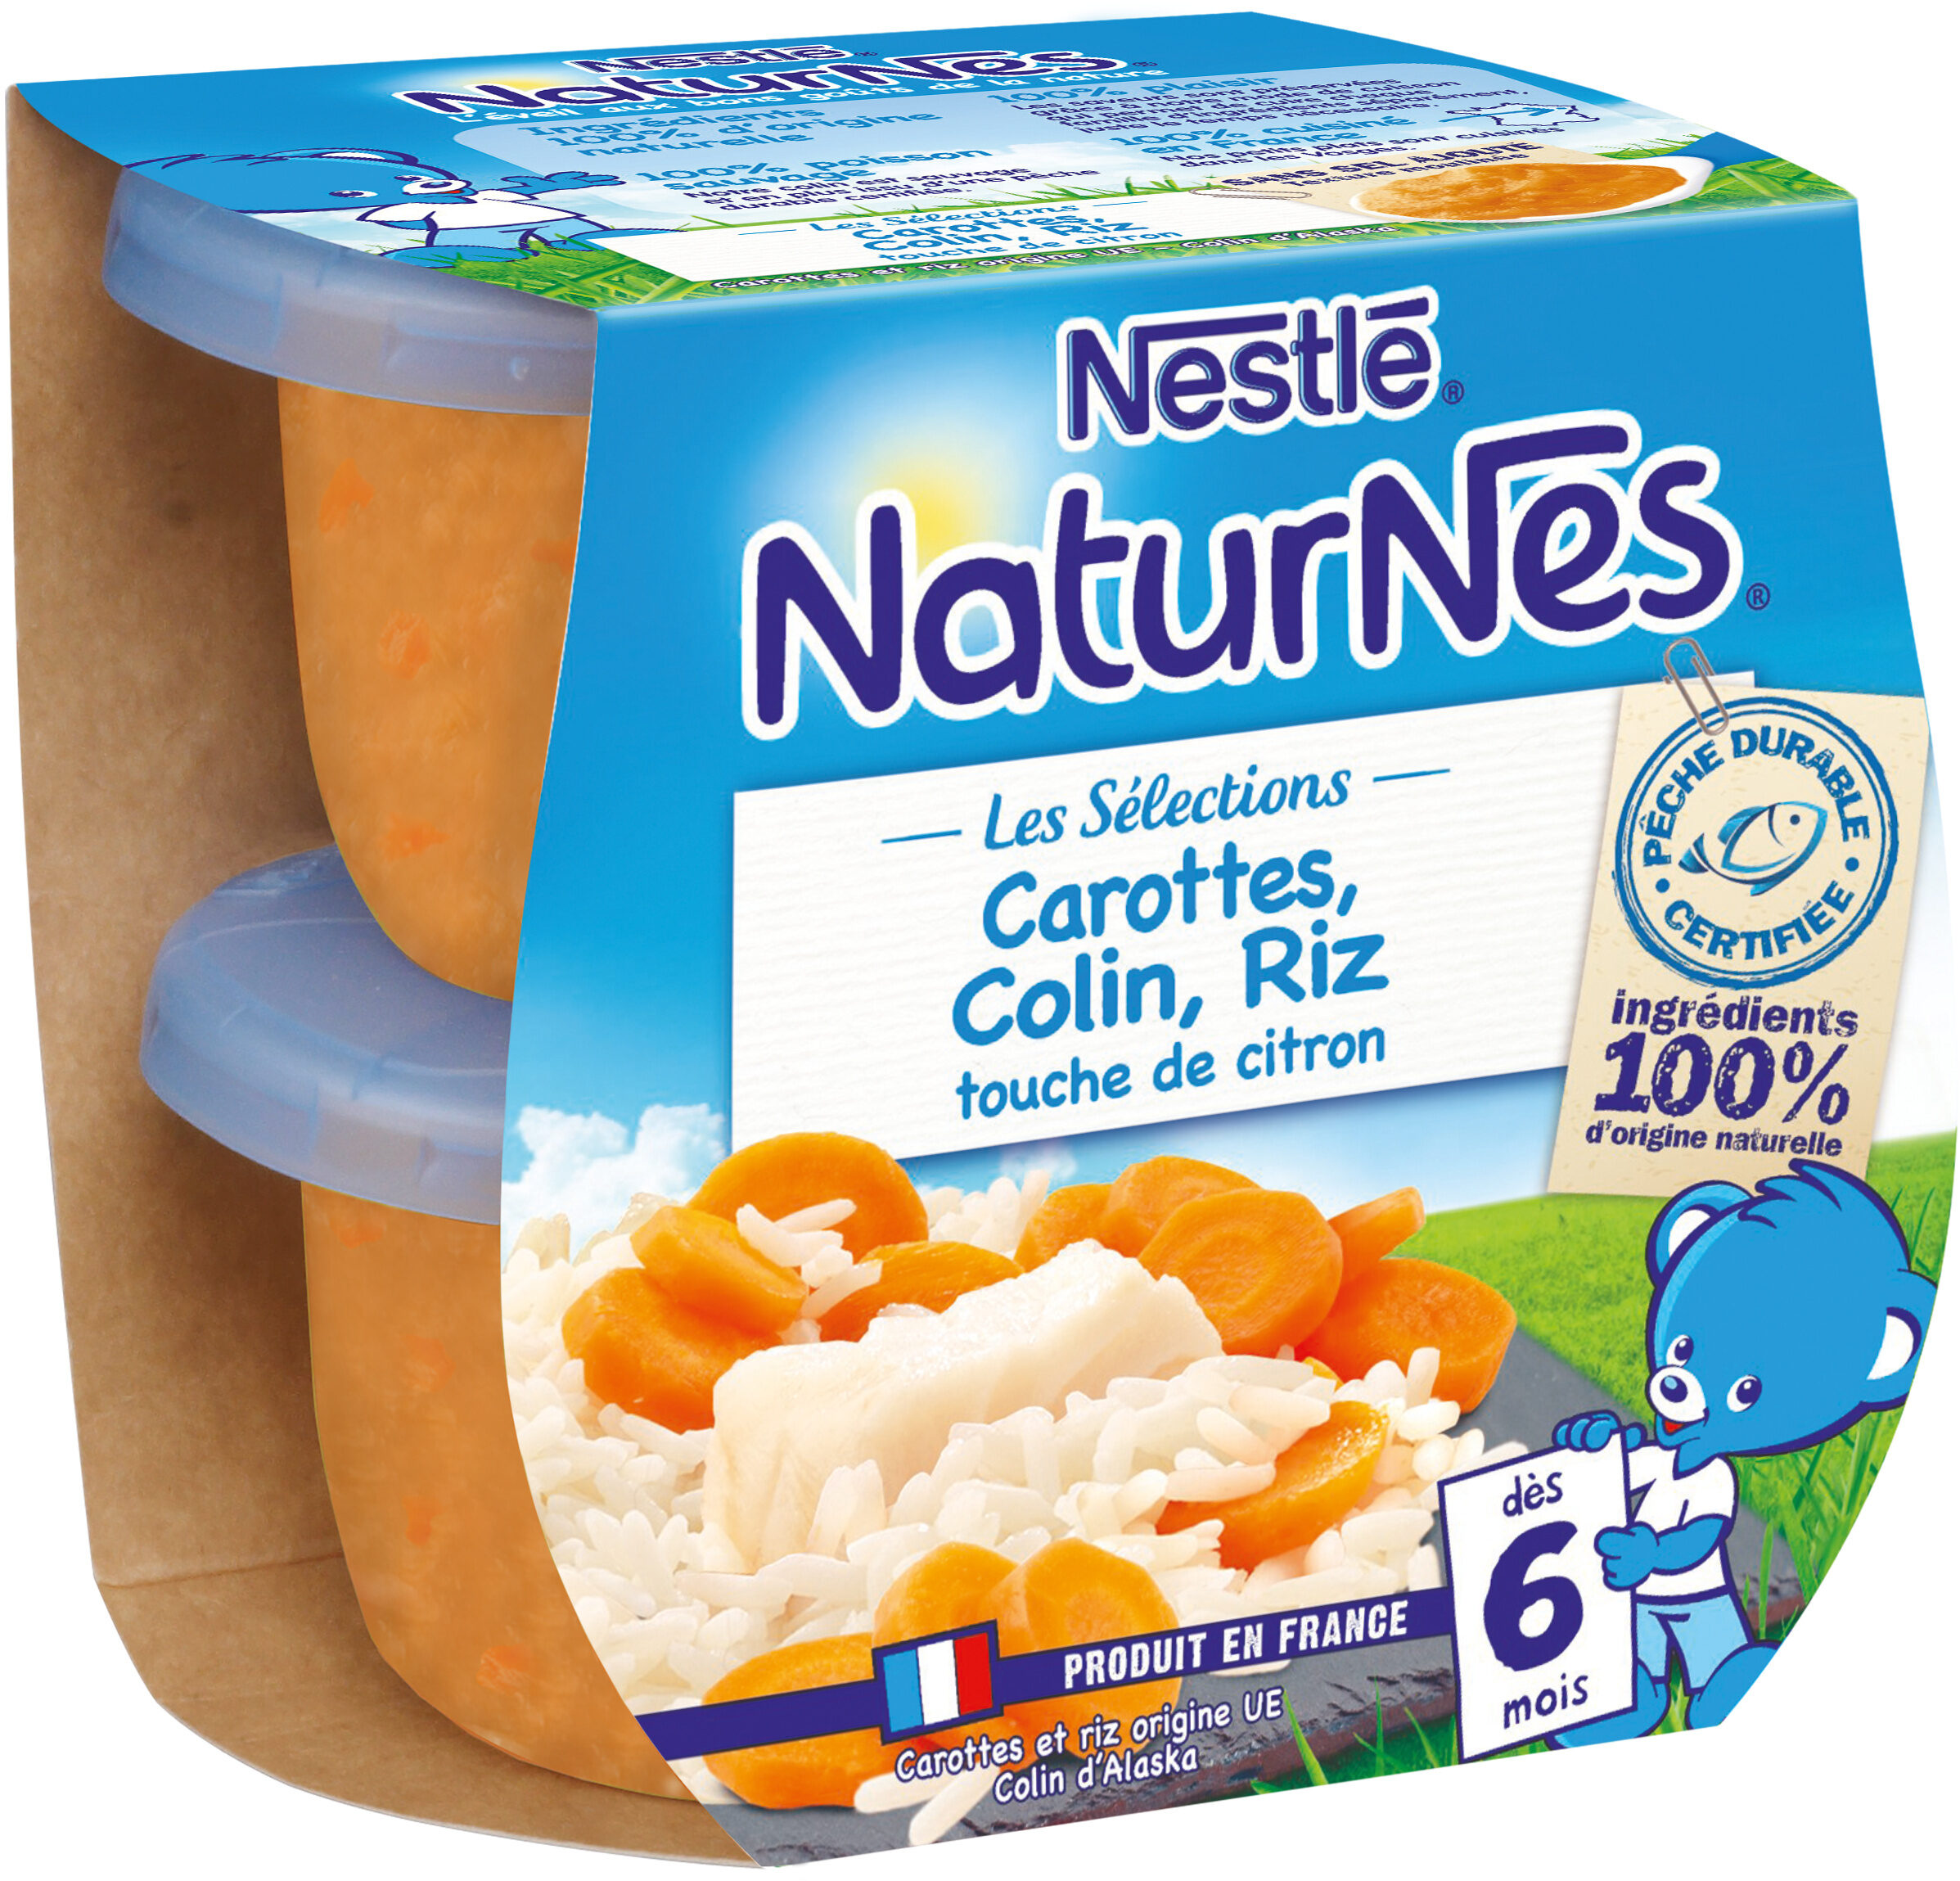 NESTLE NATURNES Les Sélections Petits Pots Bébé Carottes, Merlu blanc, Riz touche de citron -2x200g -Dès 6 mois - Prodotto - fr